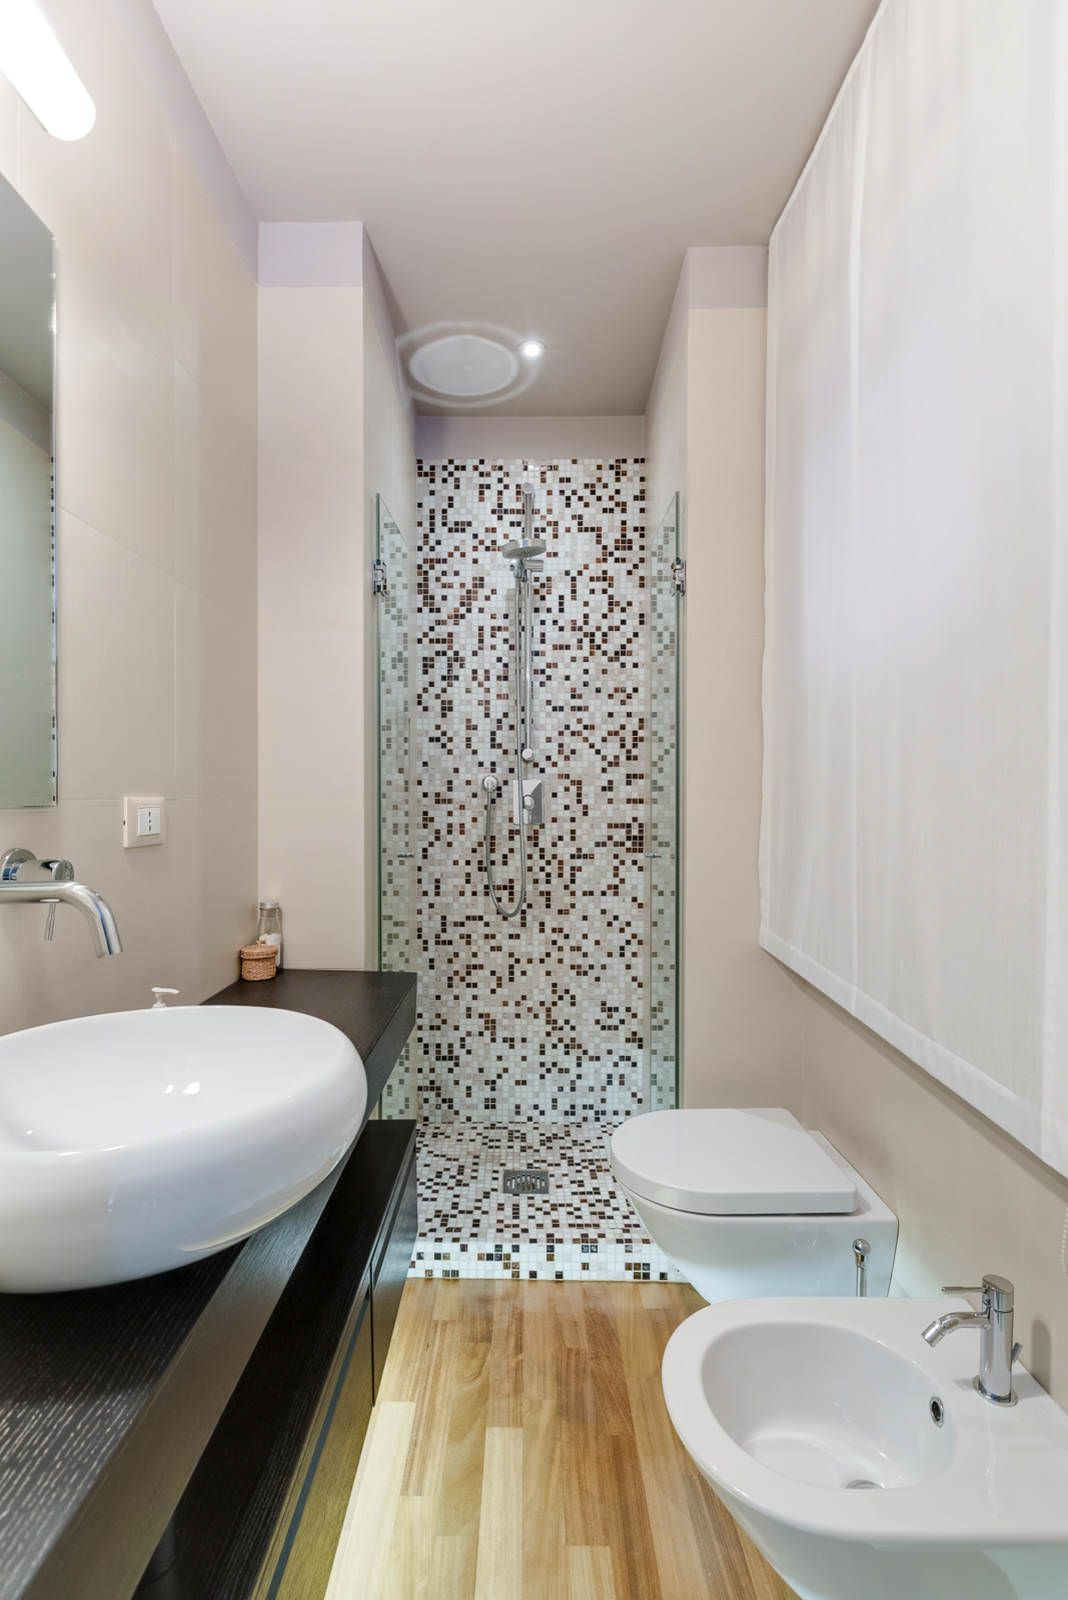 Mosaico bagno 100 idee per rivestire con stile bagni for Bagno piccolo elegante